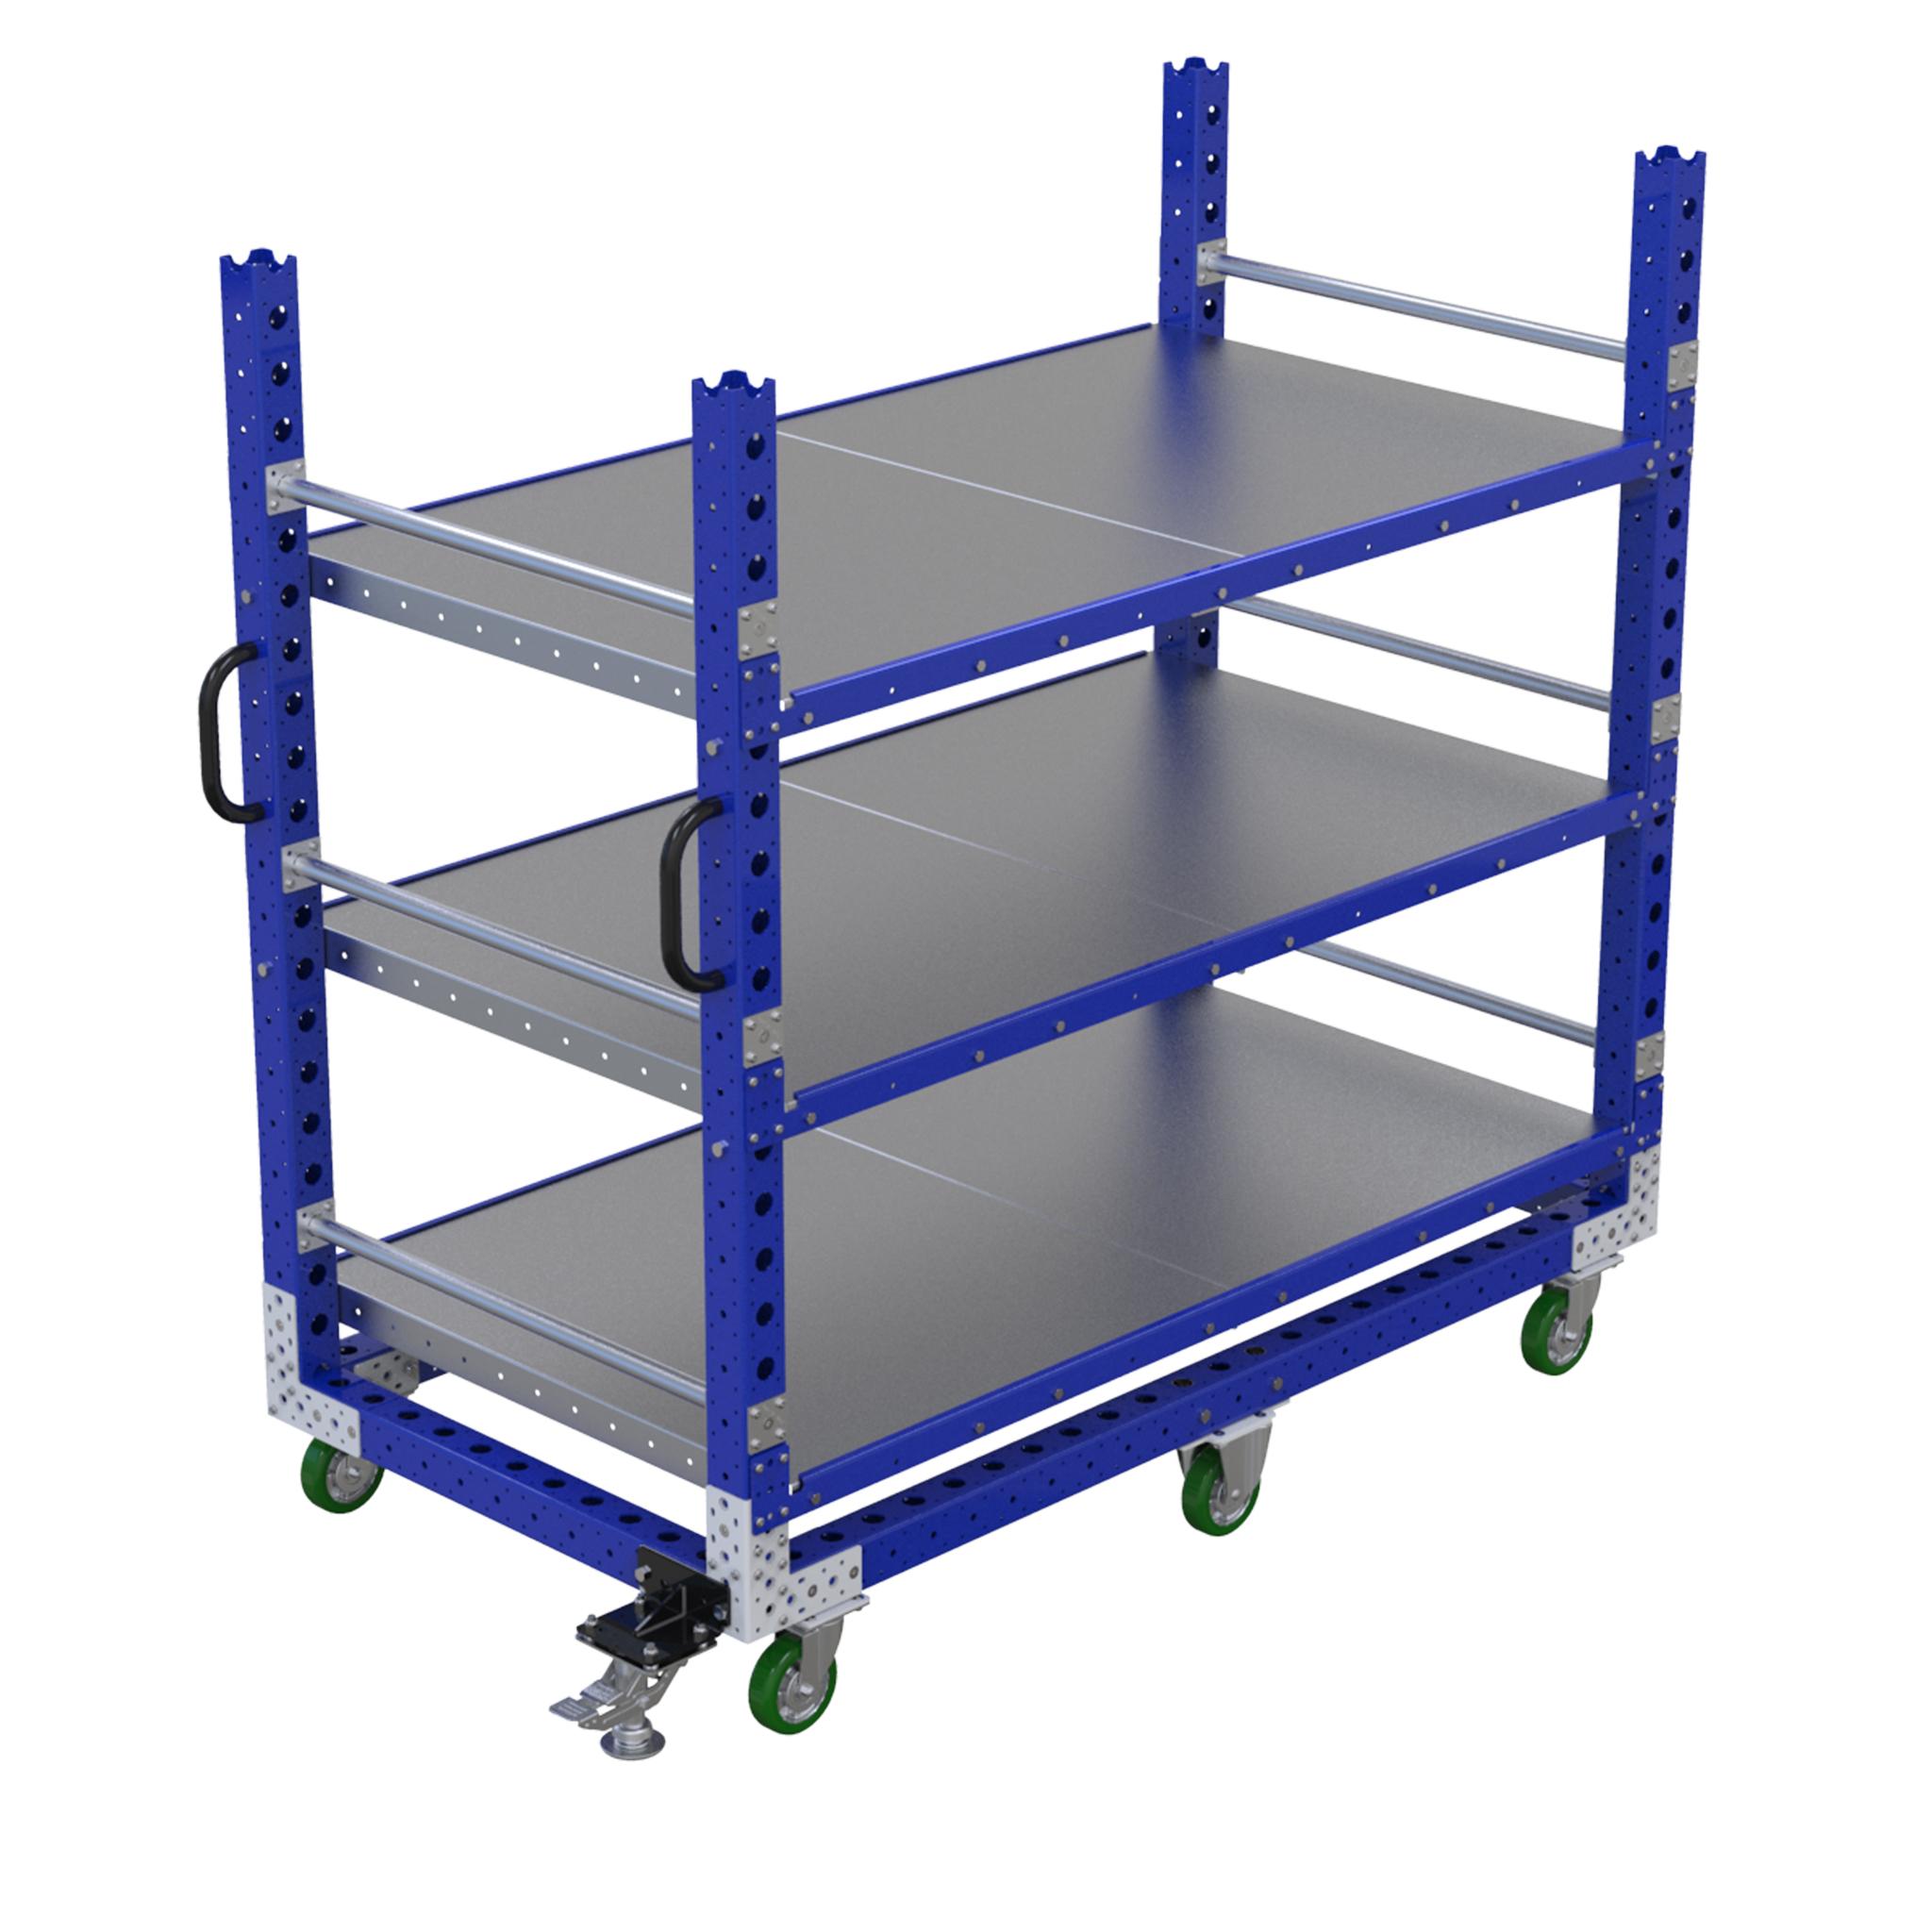 Flat Shelf Cart - 910 x 1750 mm